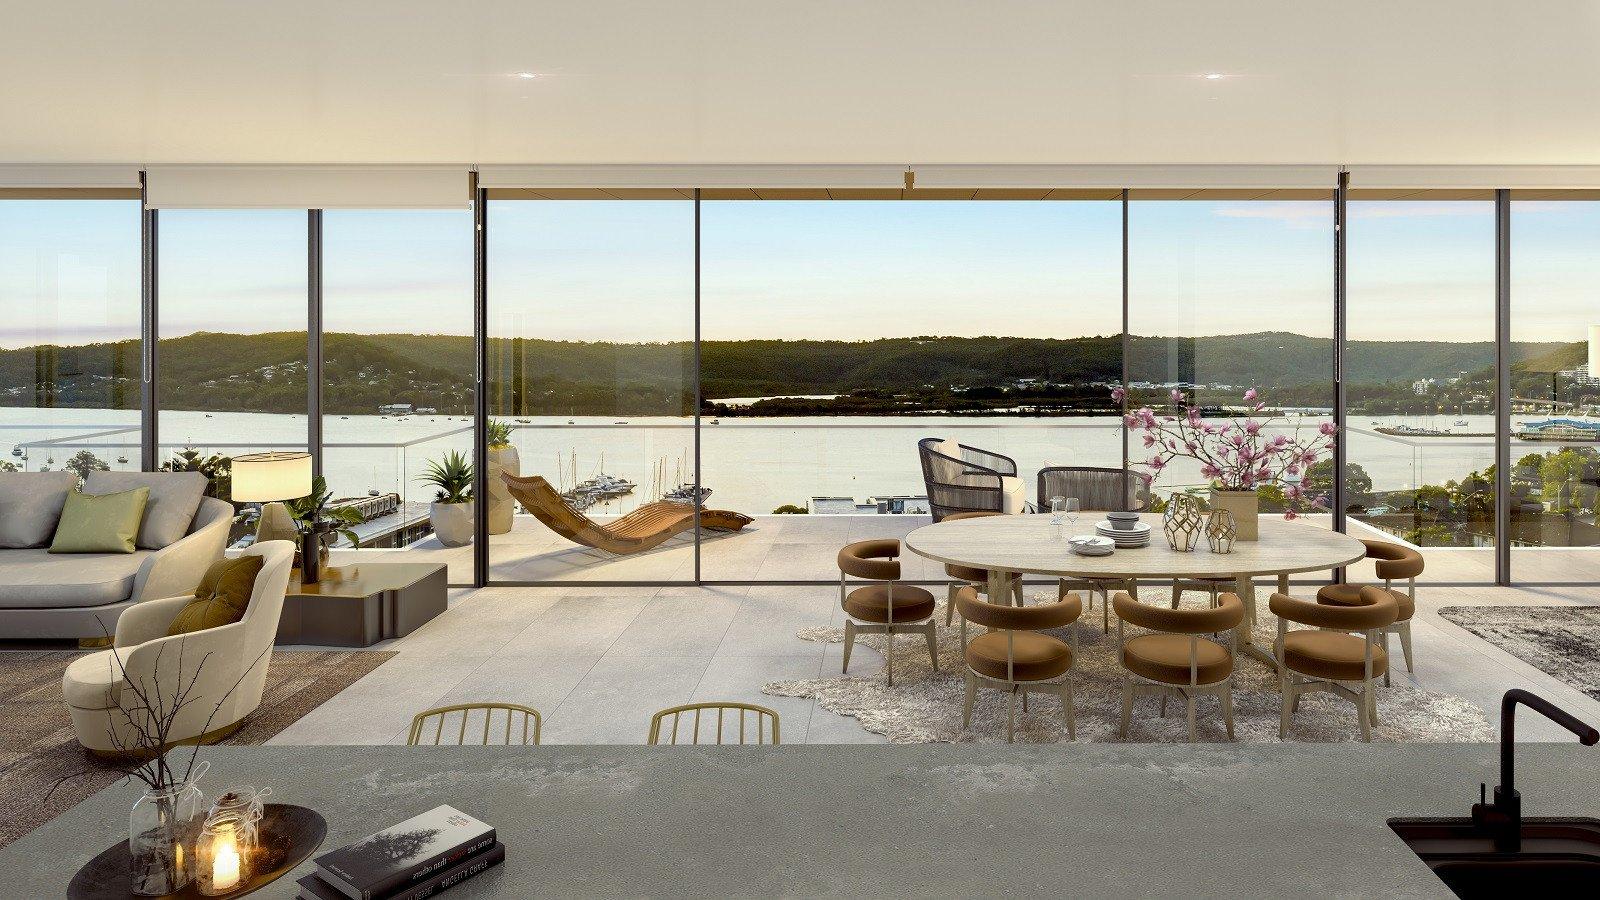 Azure Apartments-image-15